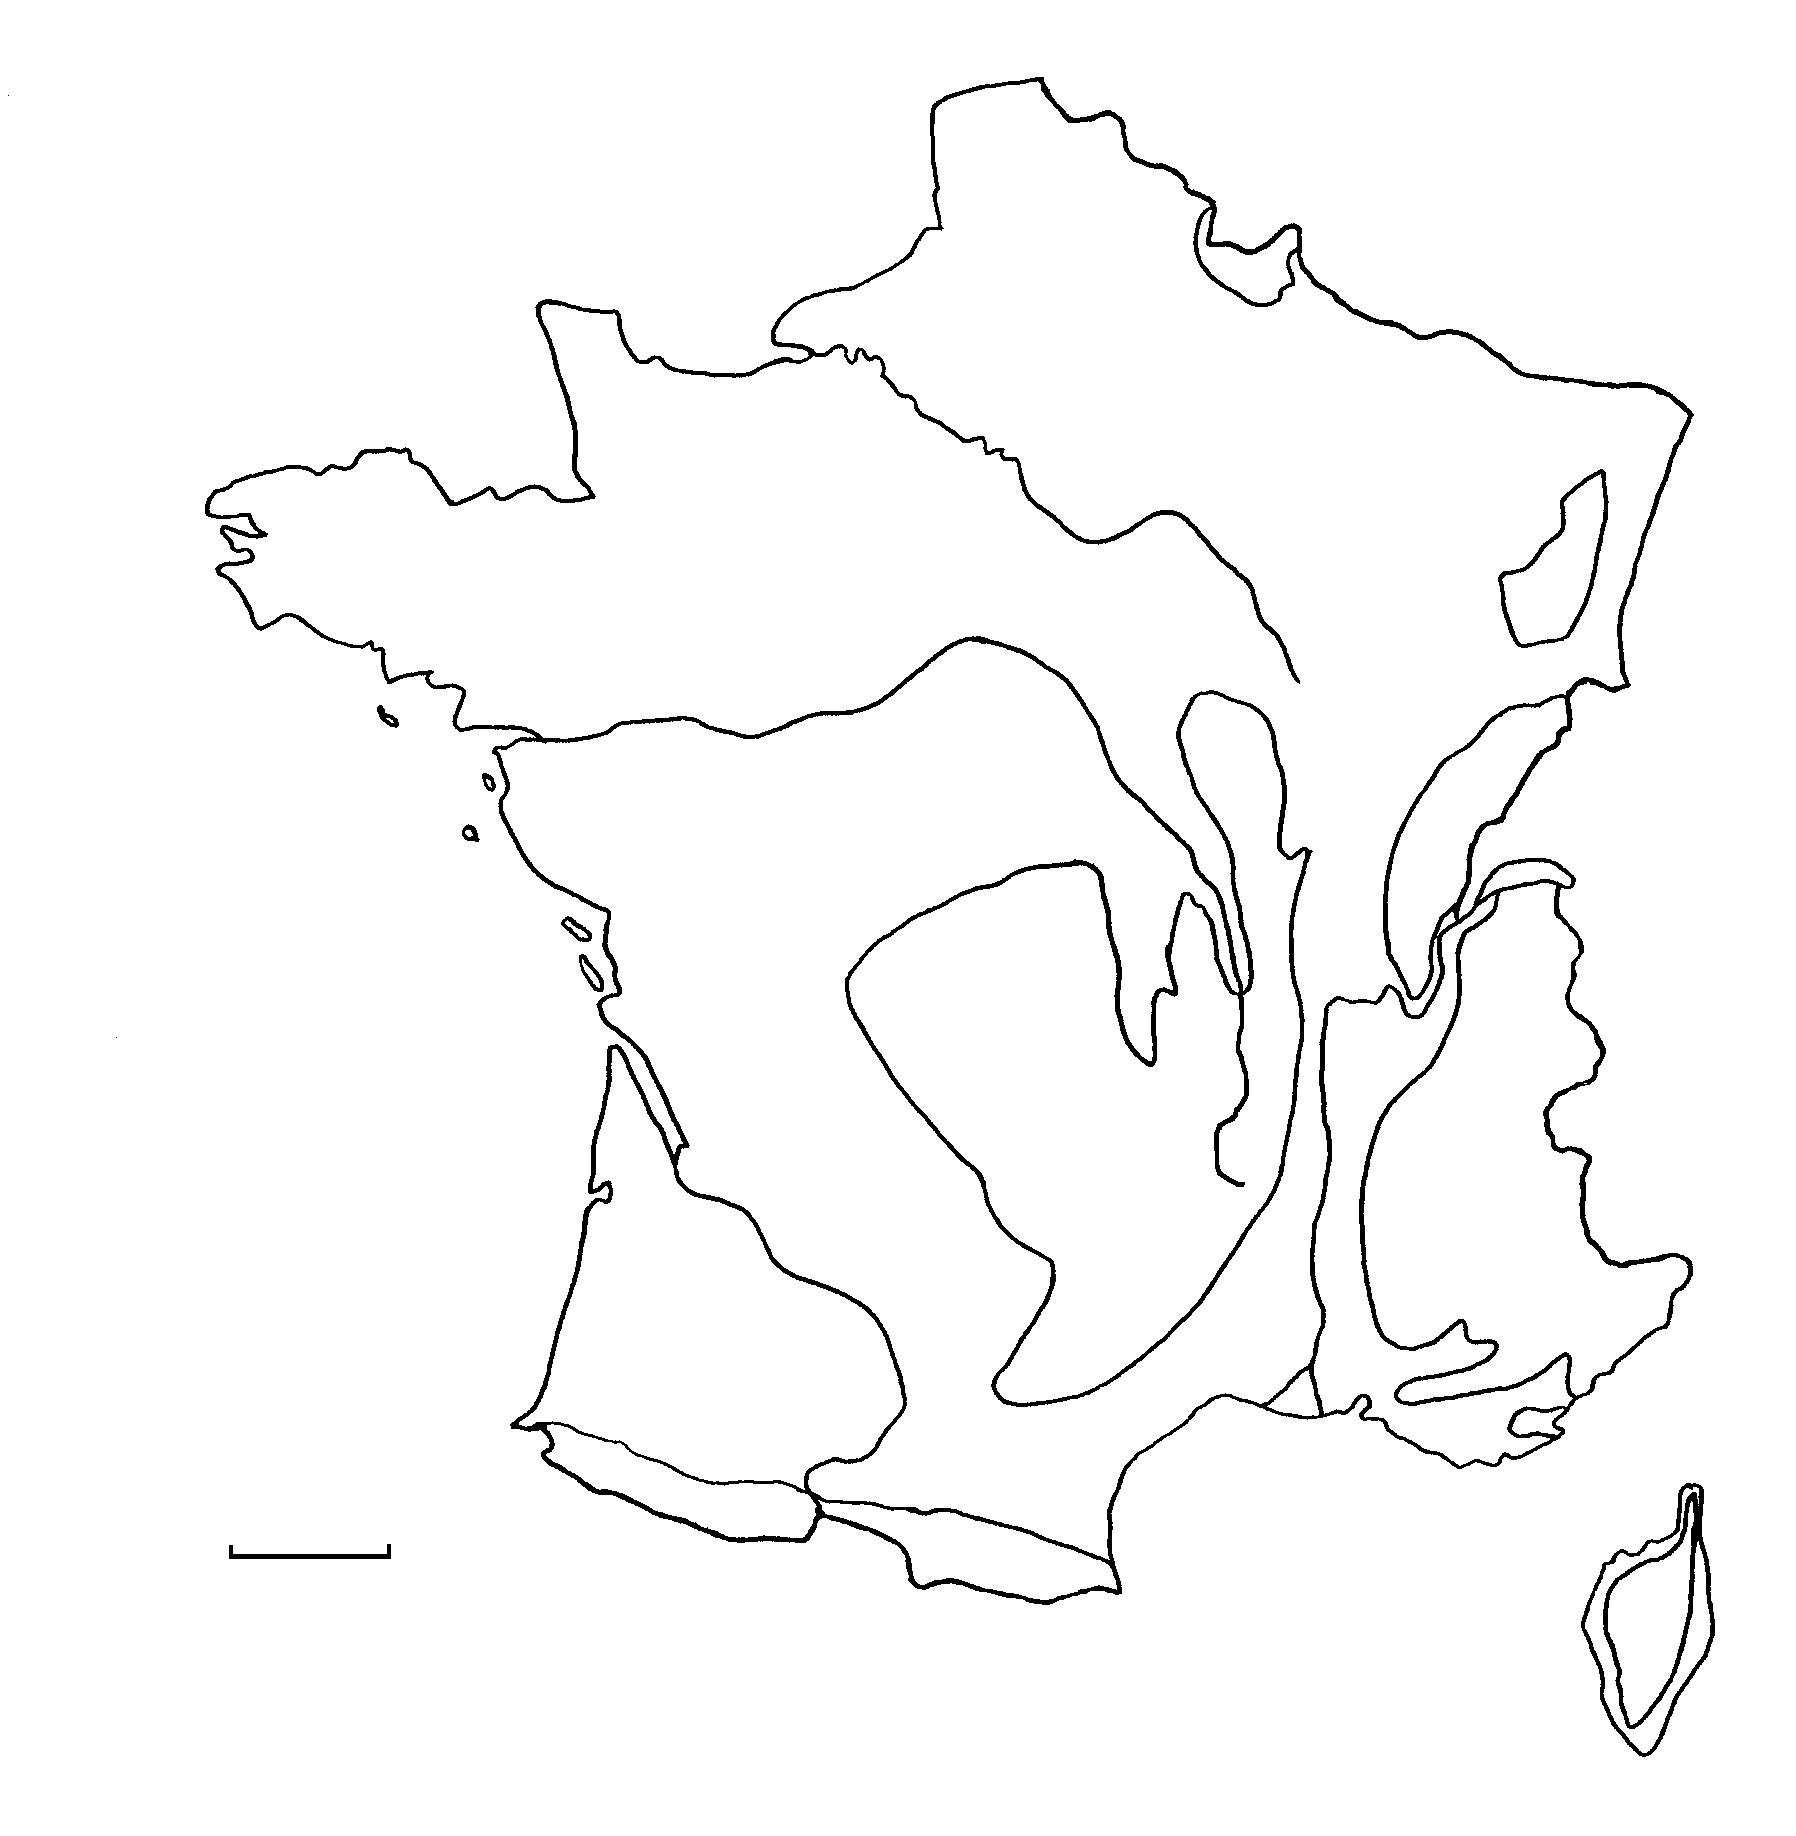 Carte De France Villes Et Fleuves Vierge Arparis